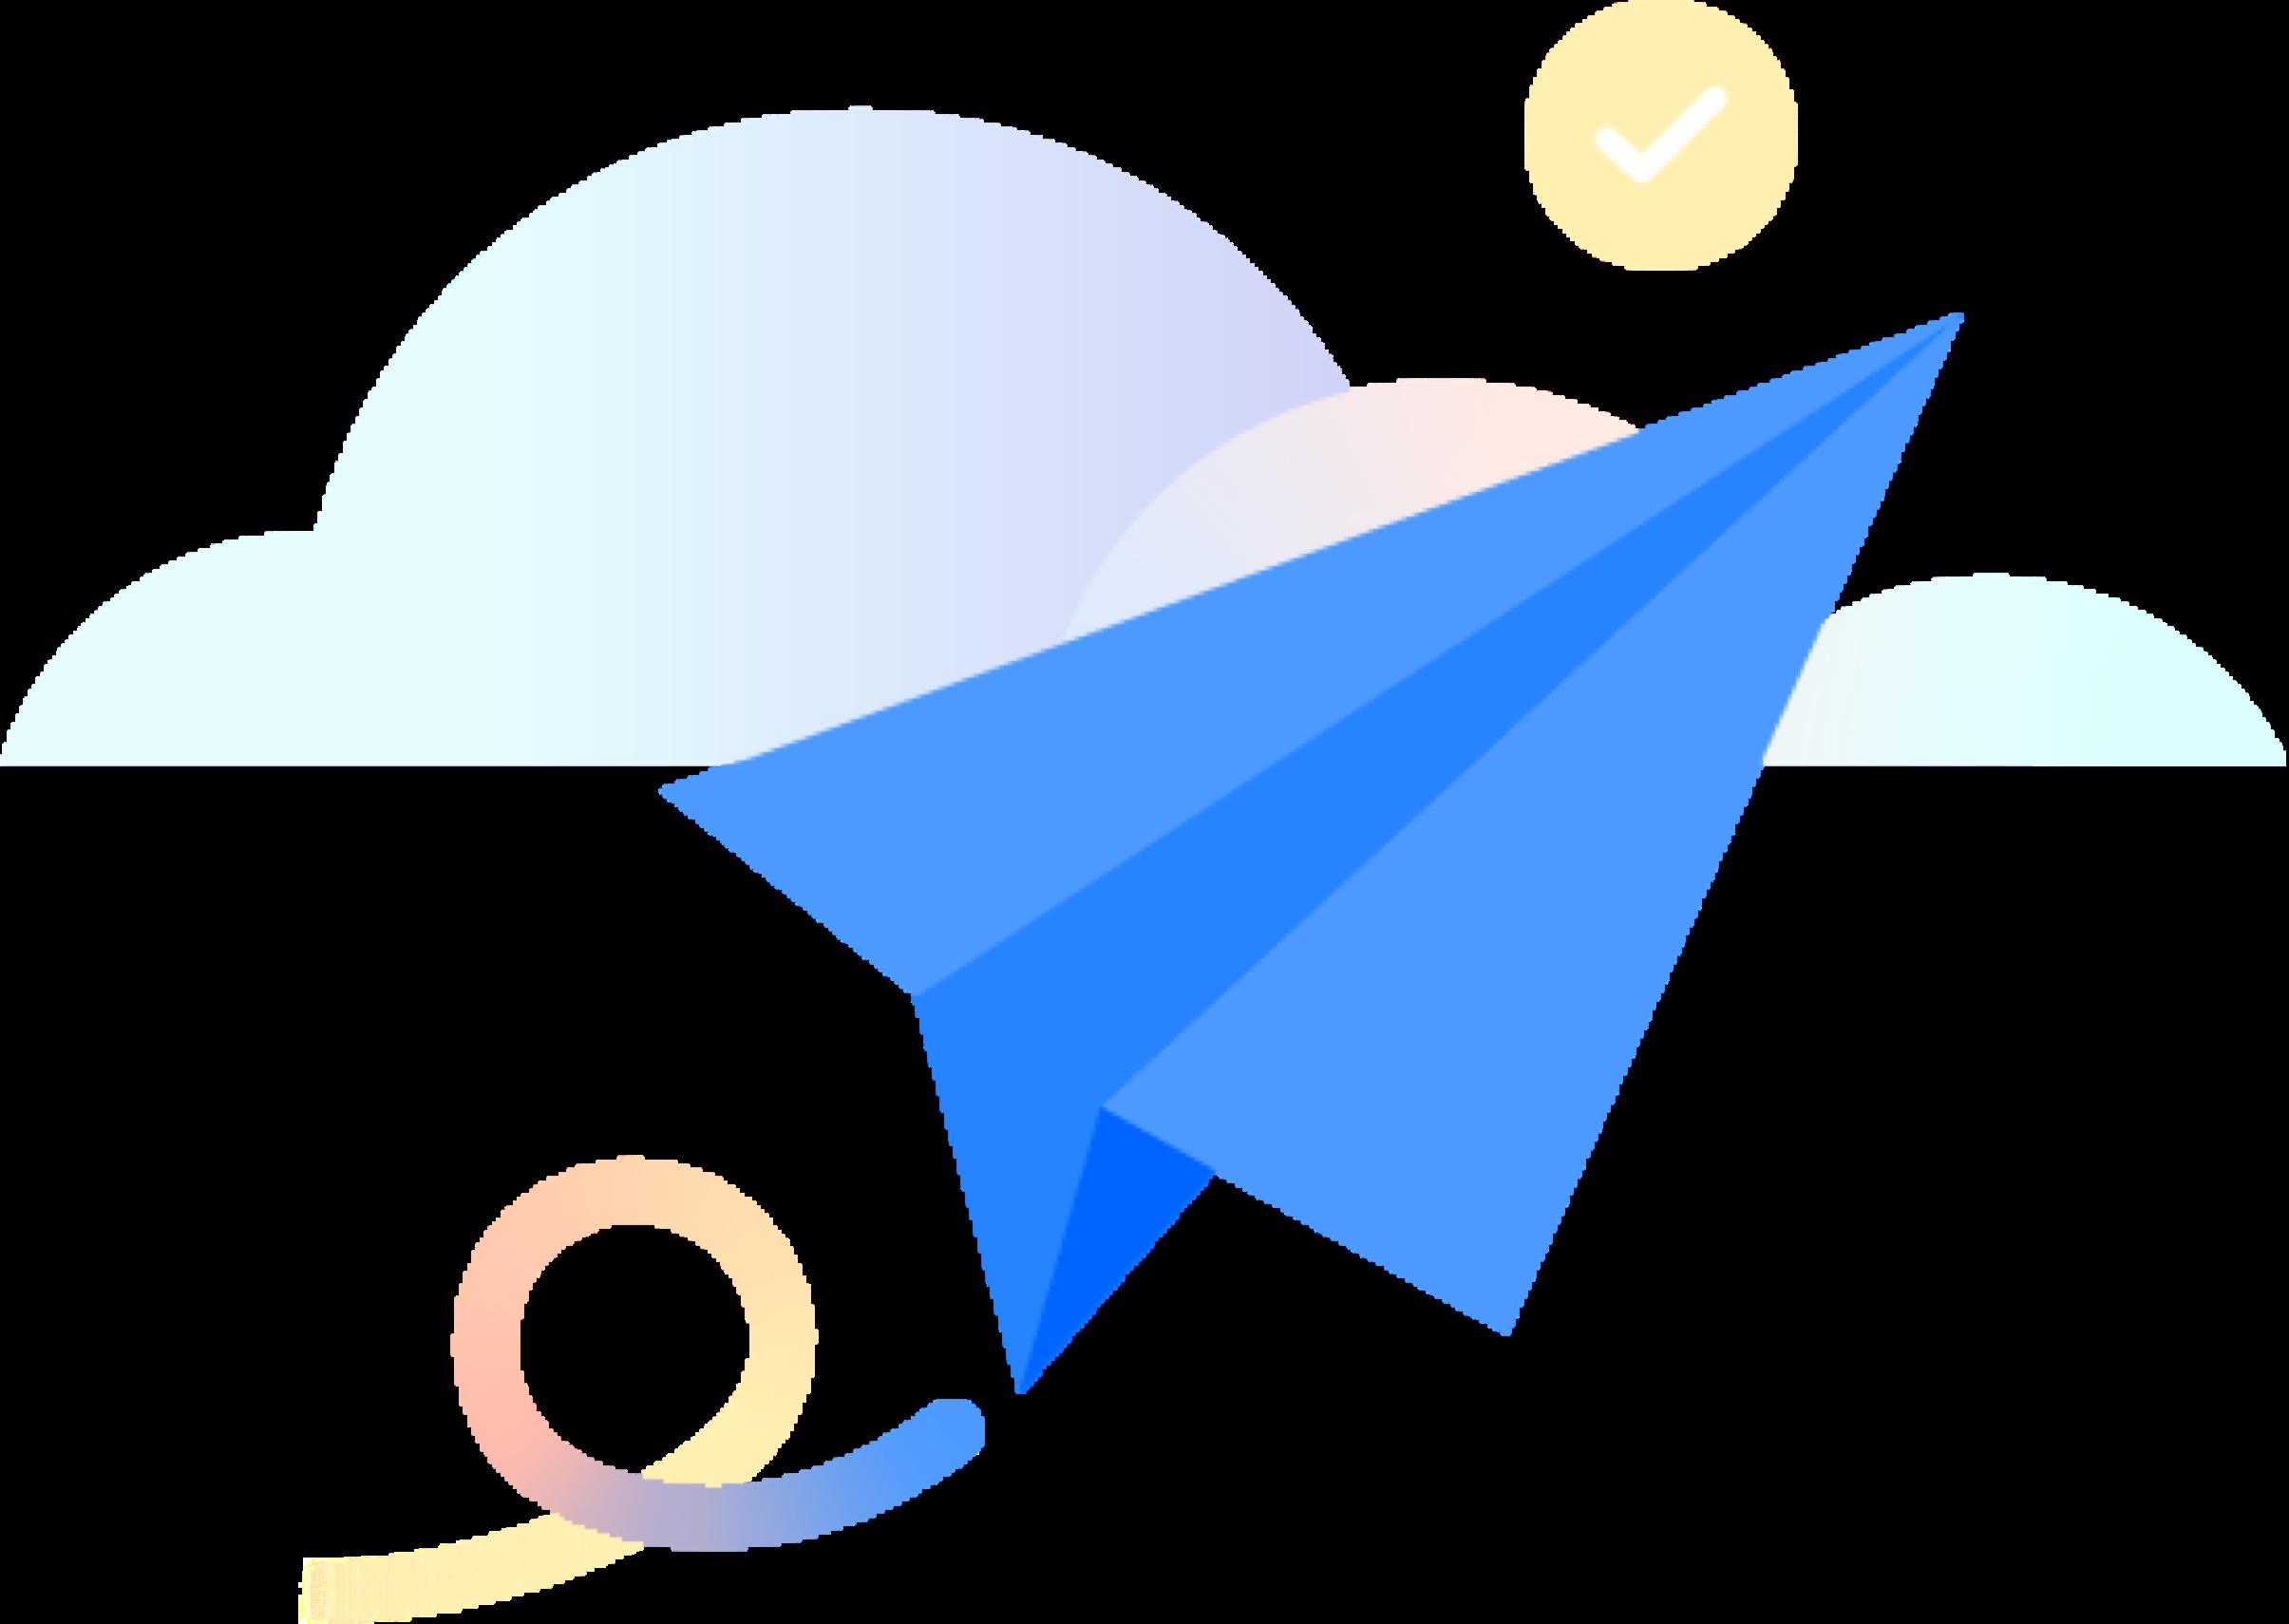 Un avión de papel entre las nubes